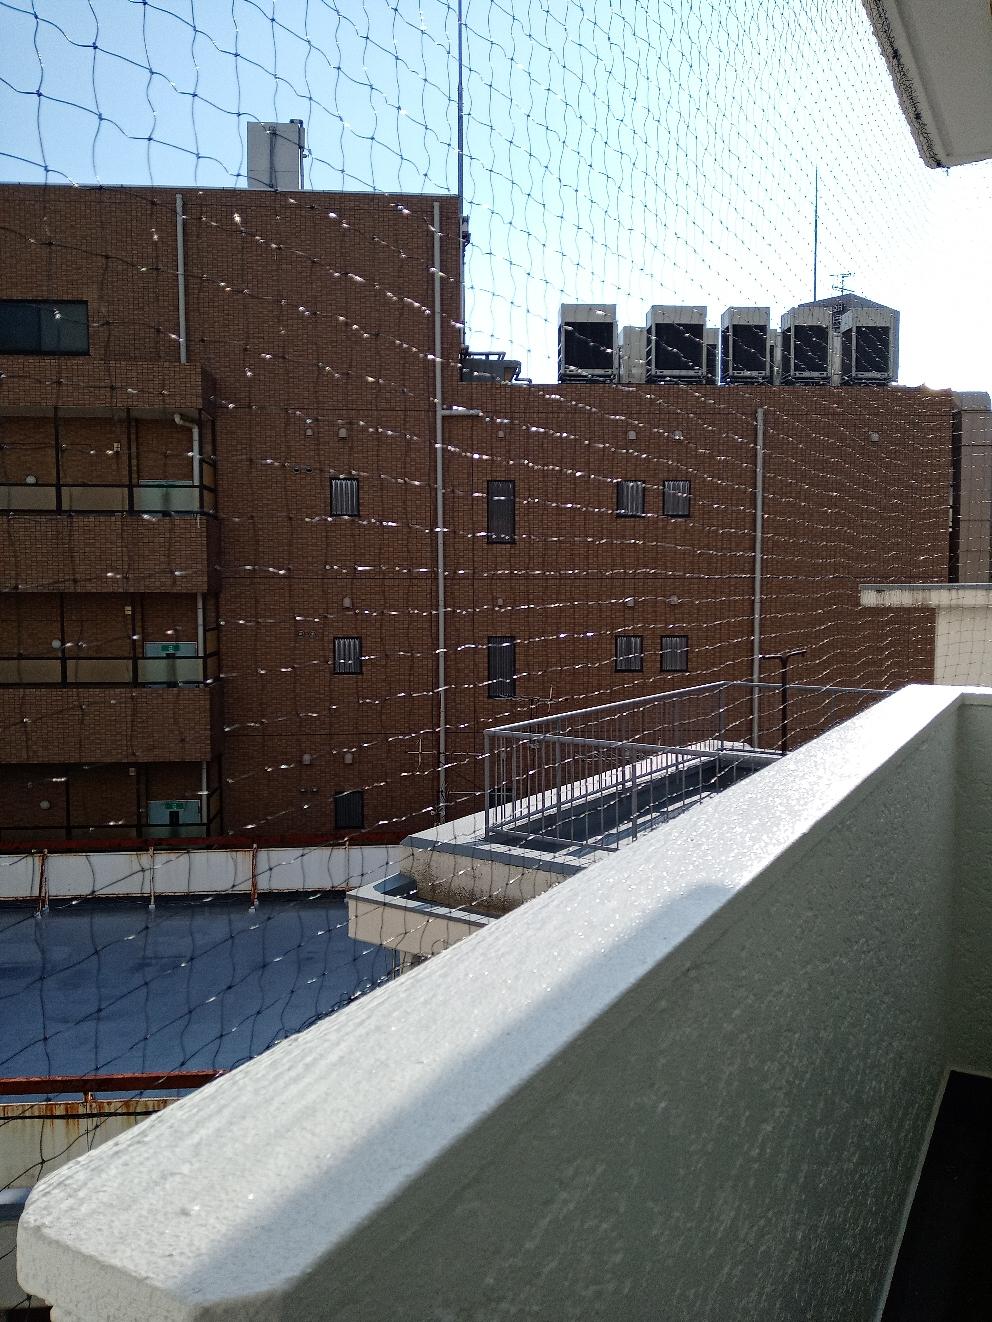 神戸市での鳩よけネット施行